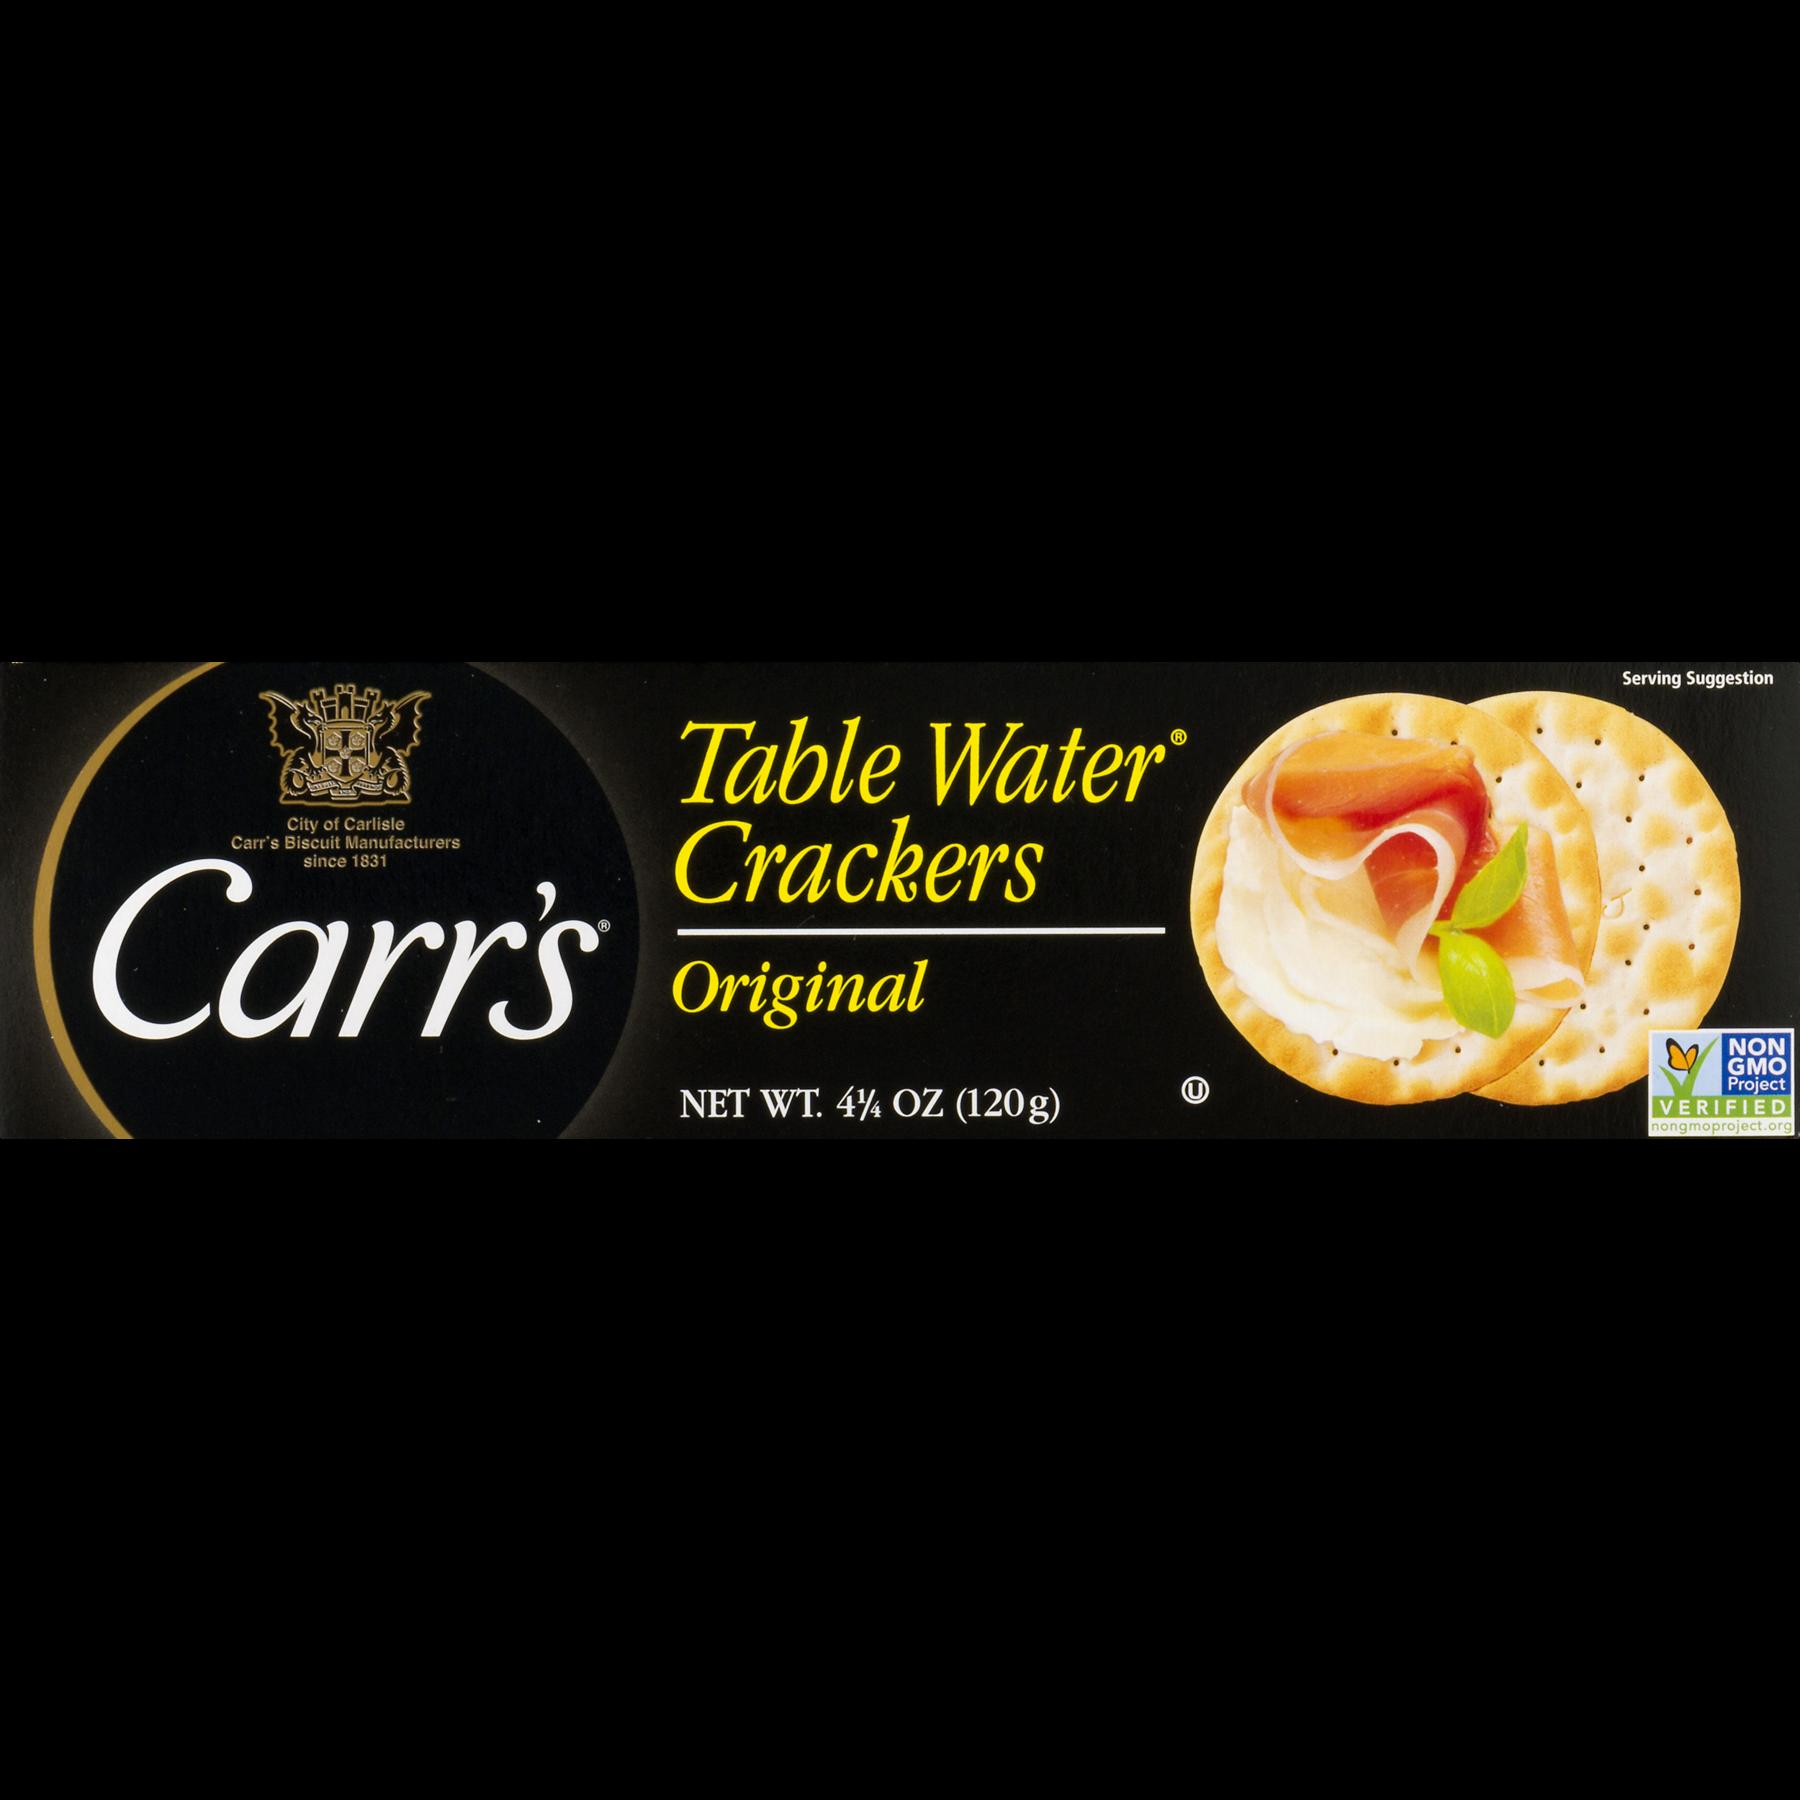 Carr's Original